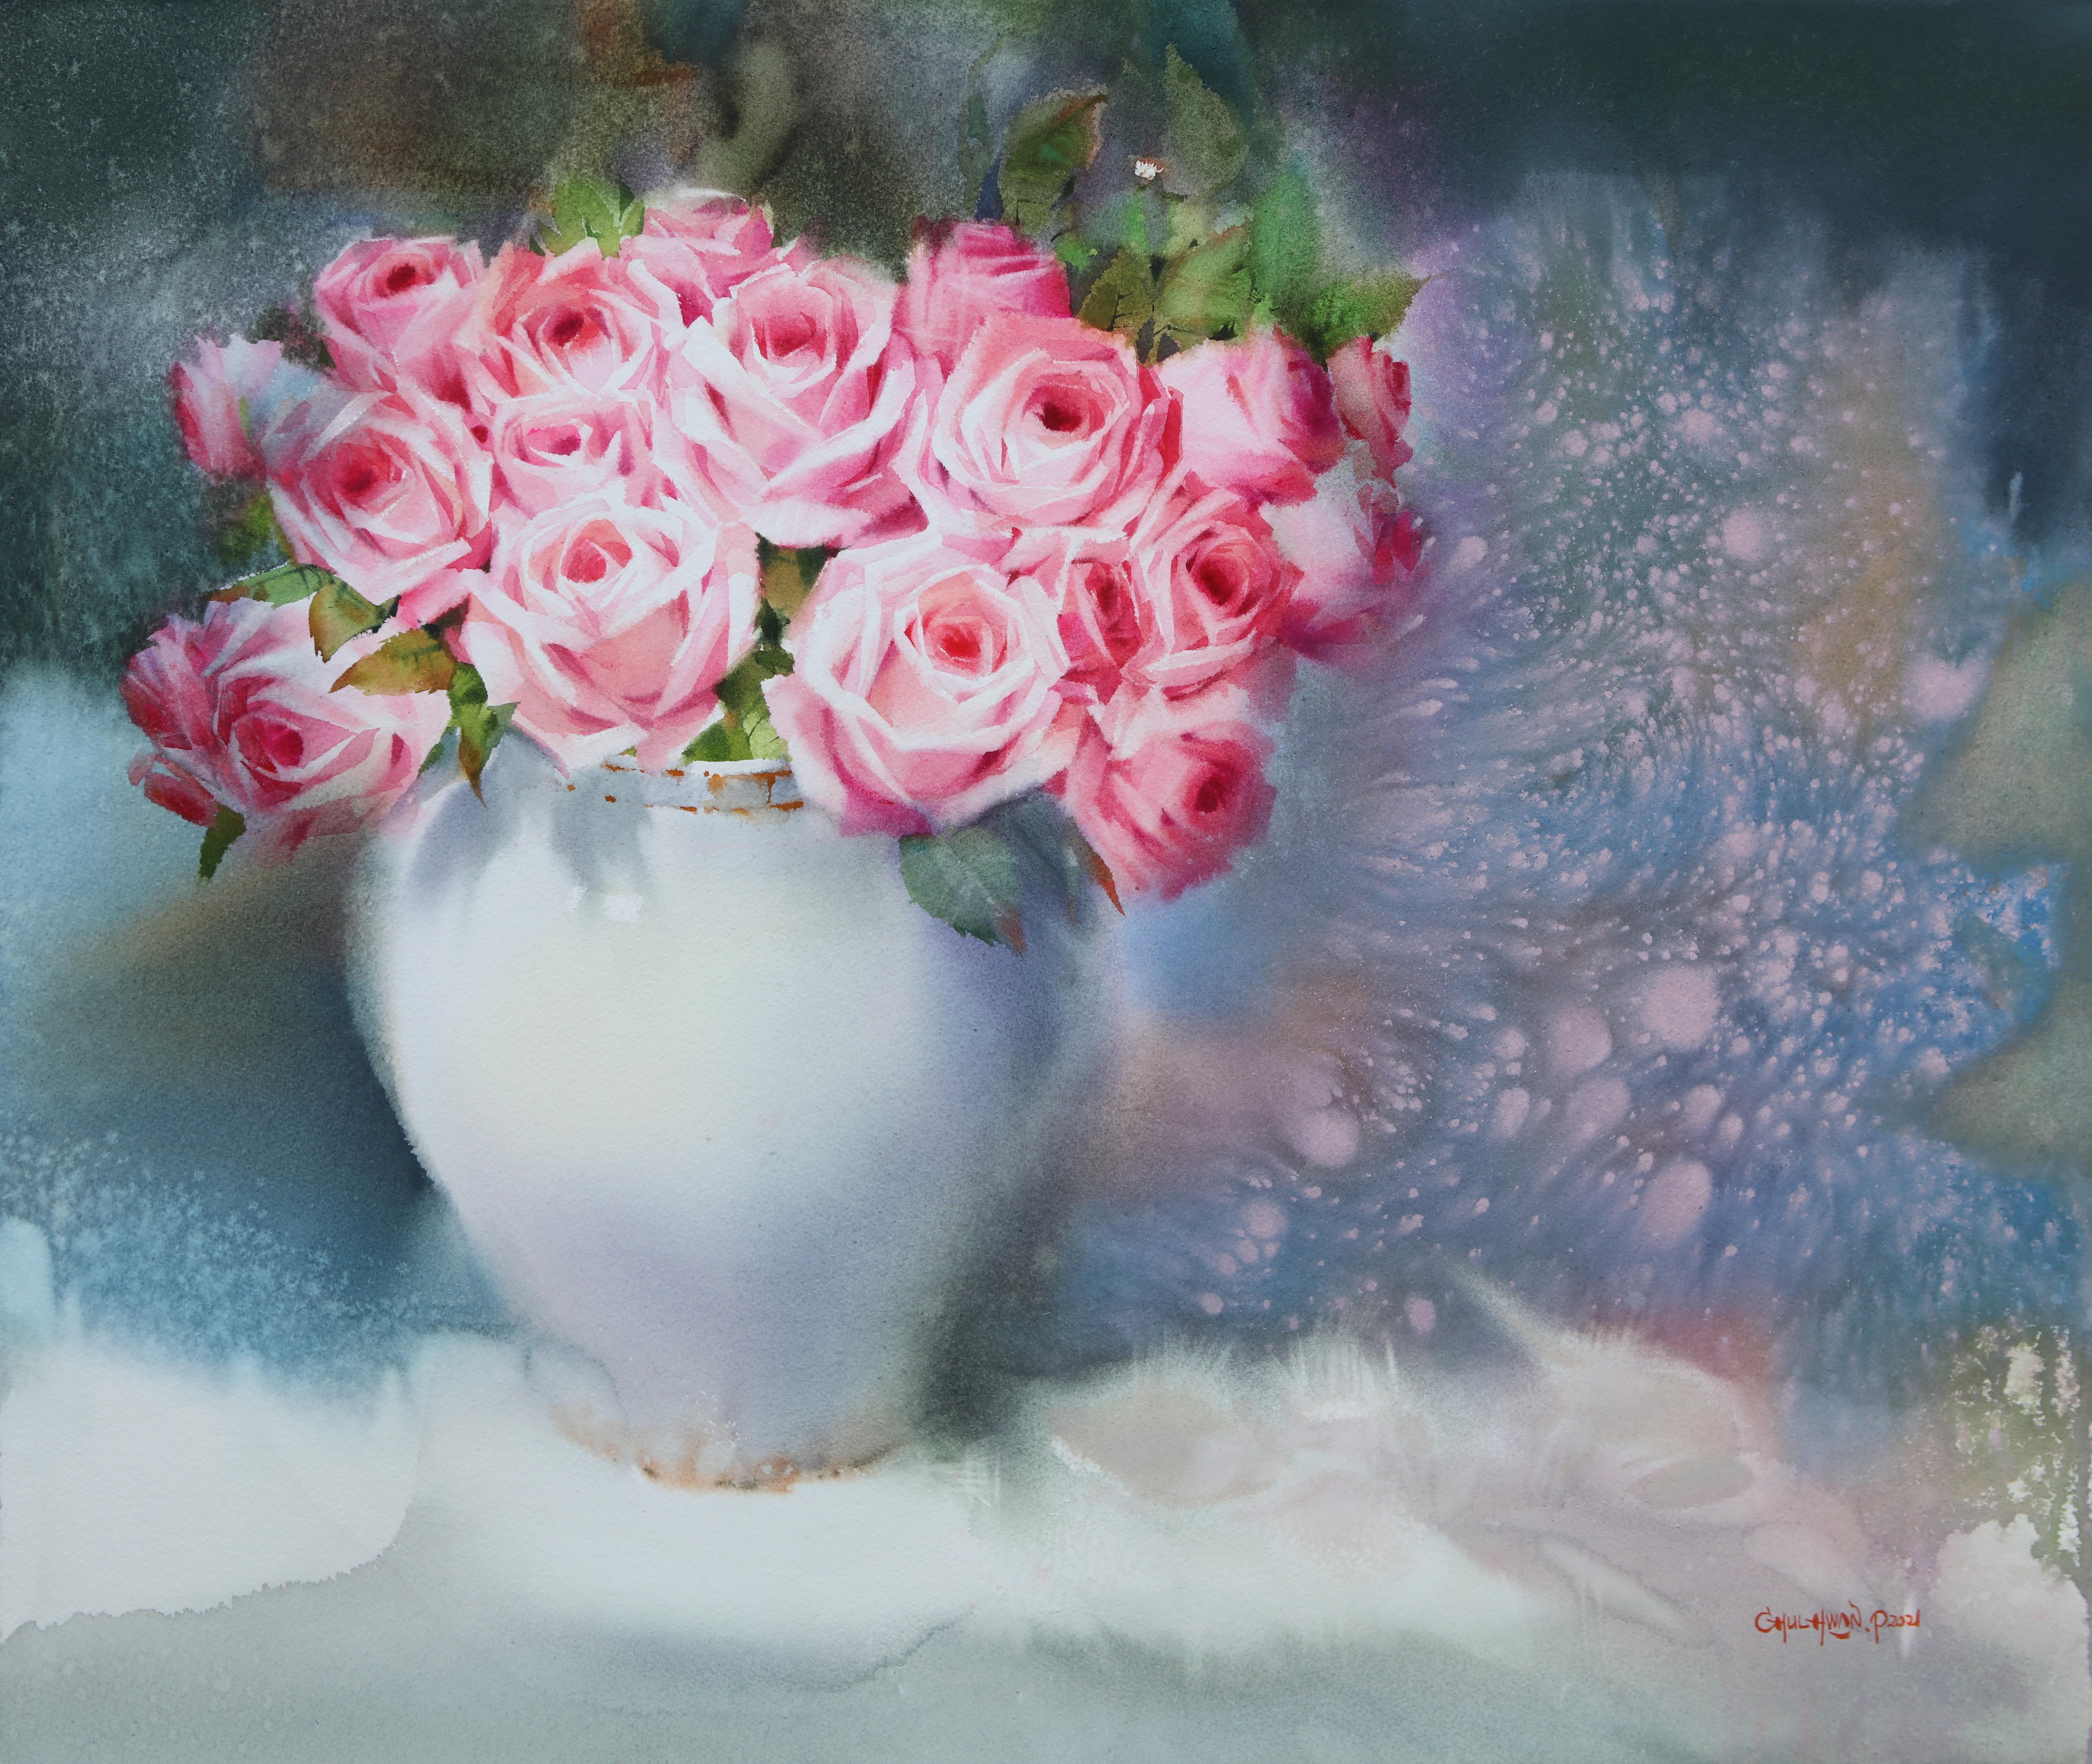 007, 박철환, Rose, 60.6 x 72